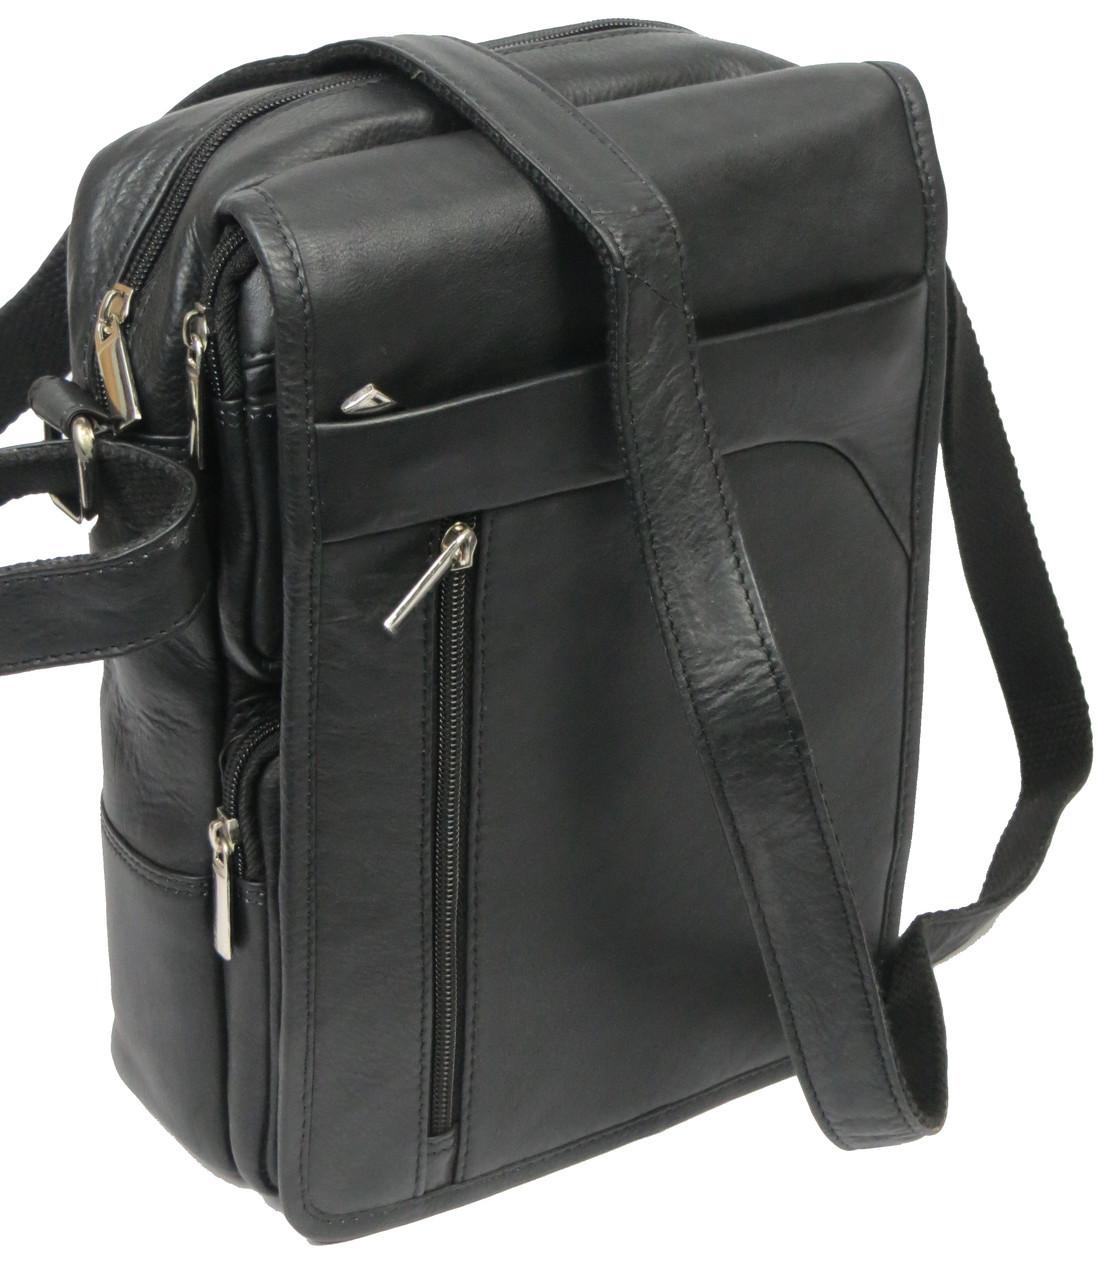 Чоловіча сумка зі шкіри Always Wild 0163-52223 чорна